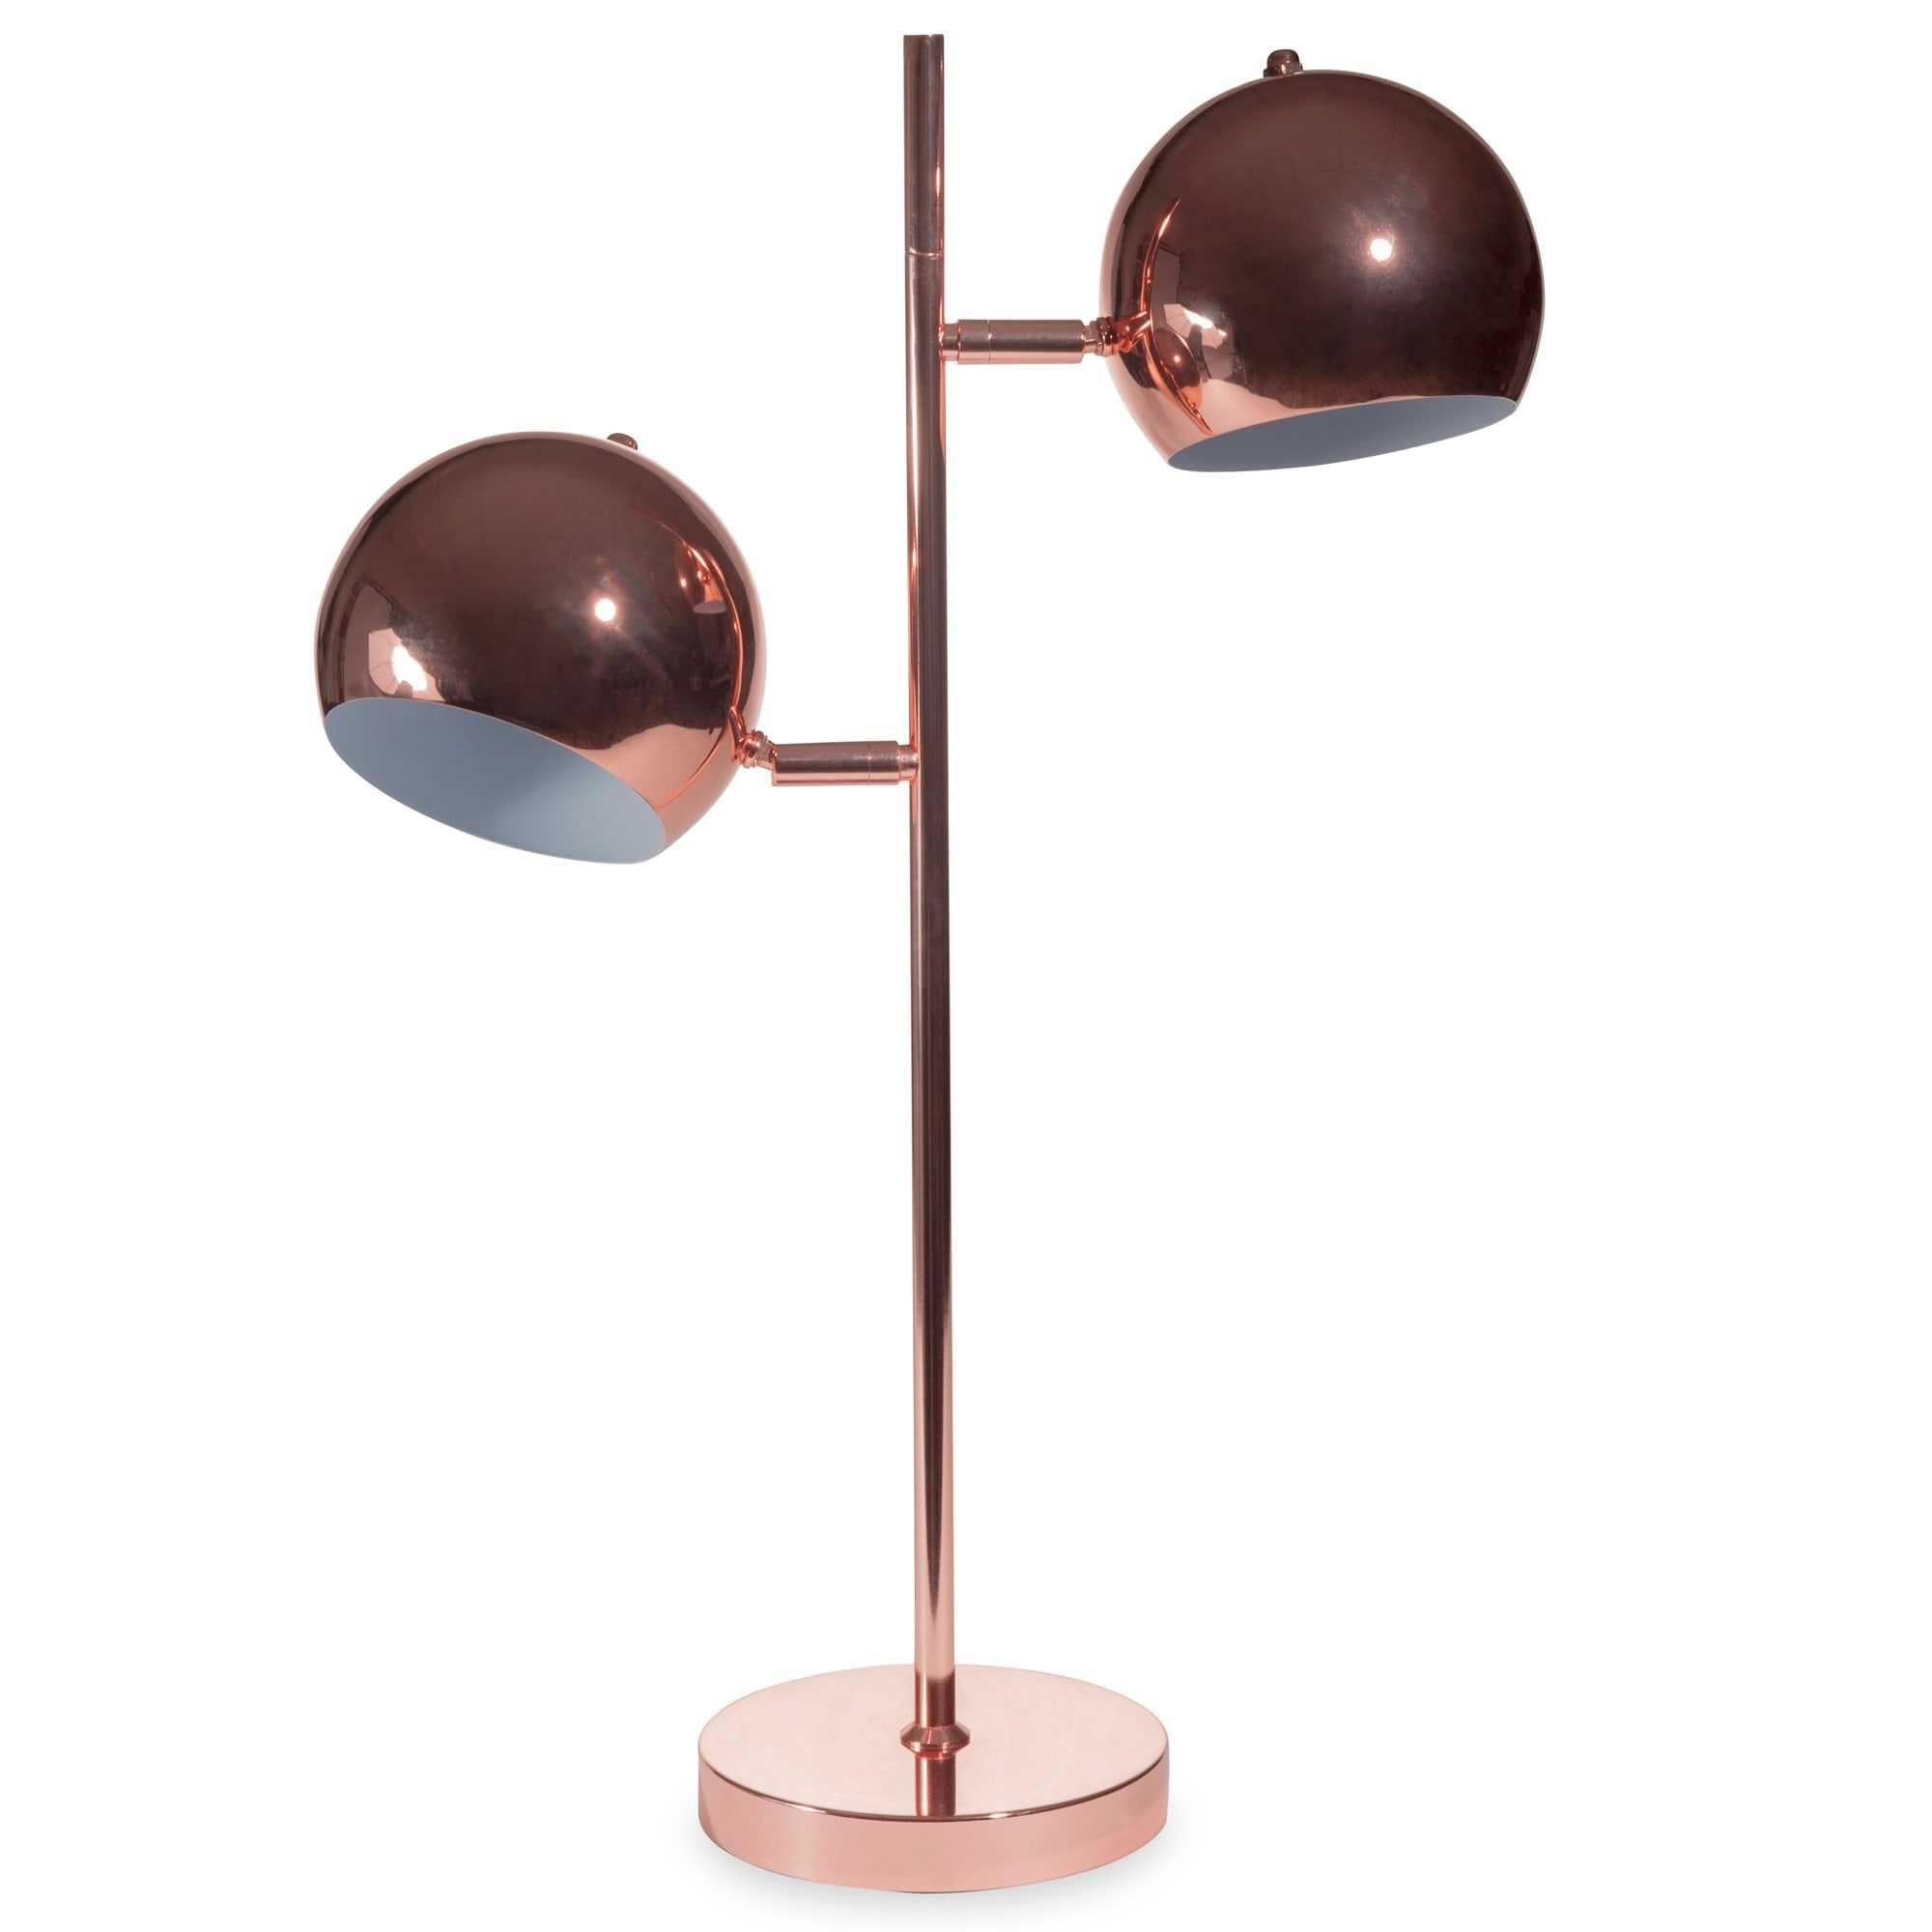 lampe de chevet maison du monde ides pour la dco bois flott with lampe de chevet maison du. Black Bedroom Furniture Sets. Home Design Ideas